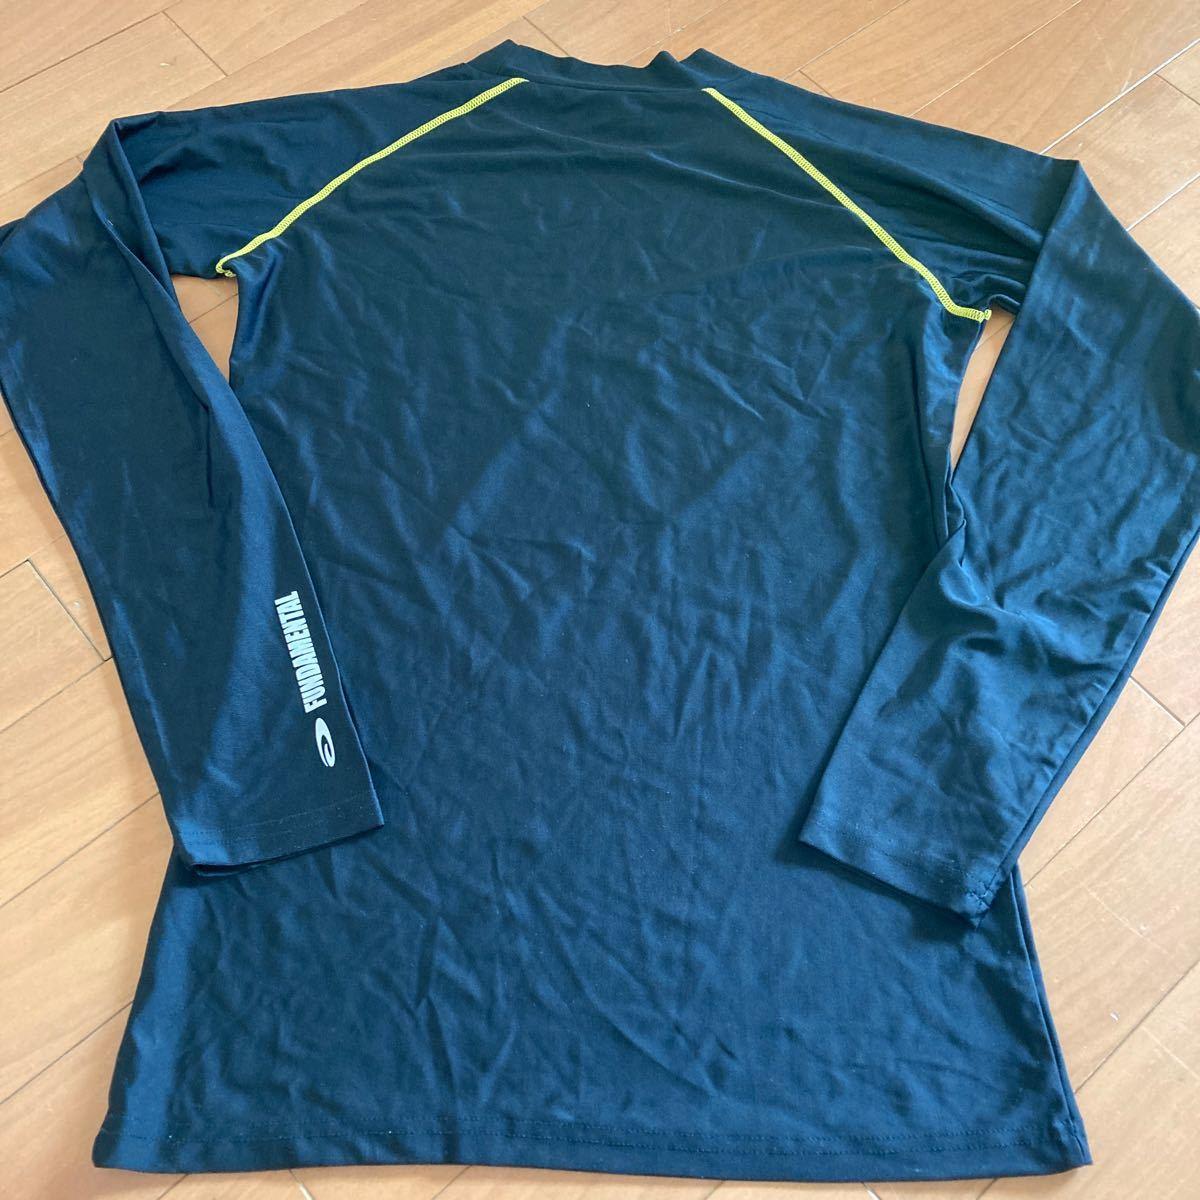 アンダーシャツ スポーツ インナーシャツ メンズ Mサイズ 黒 長袖Tシャツ